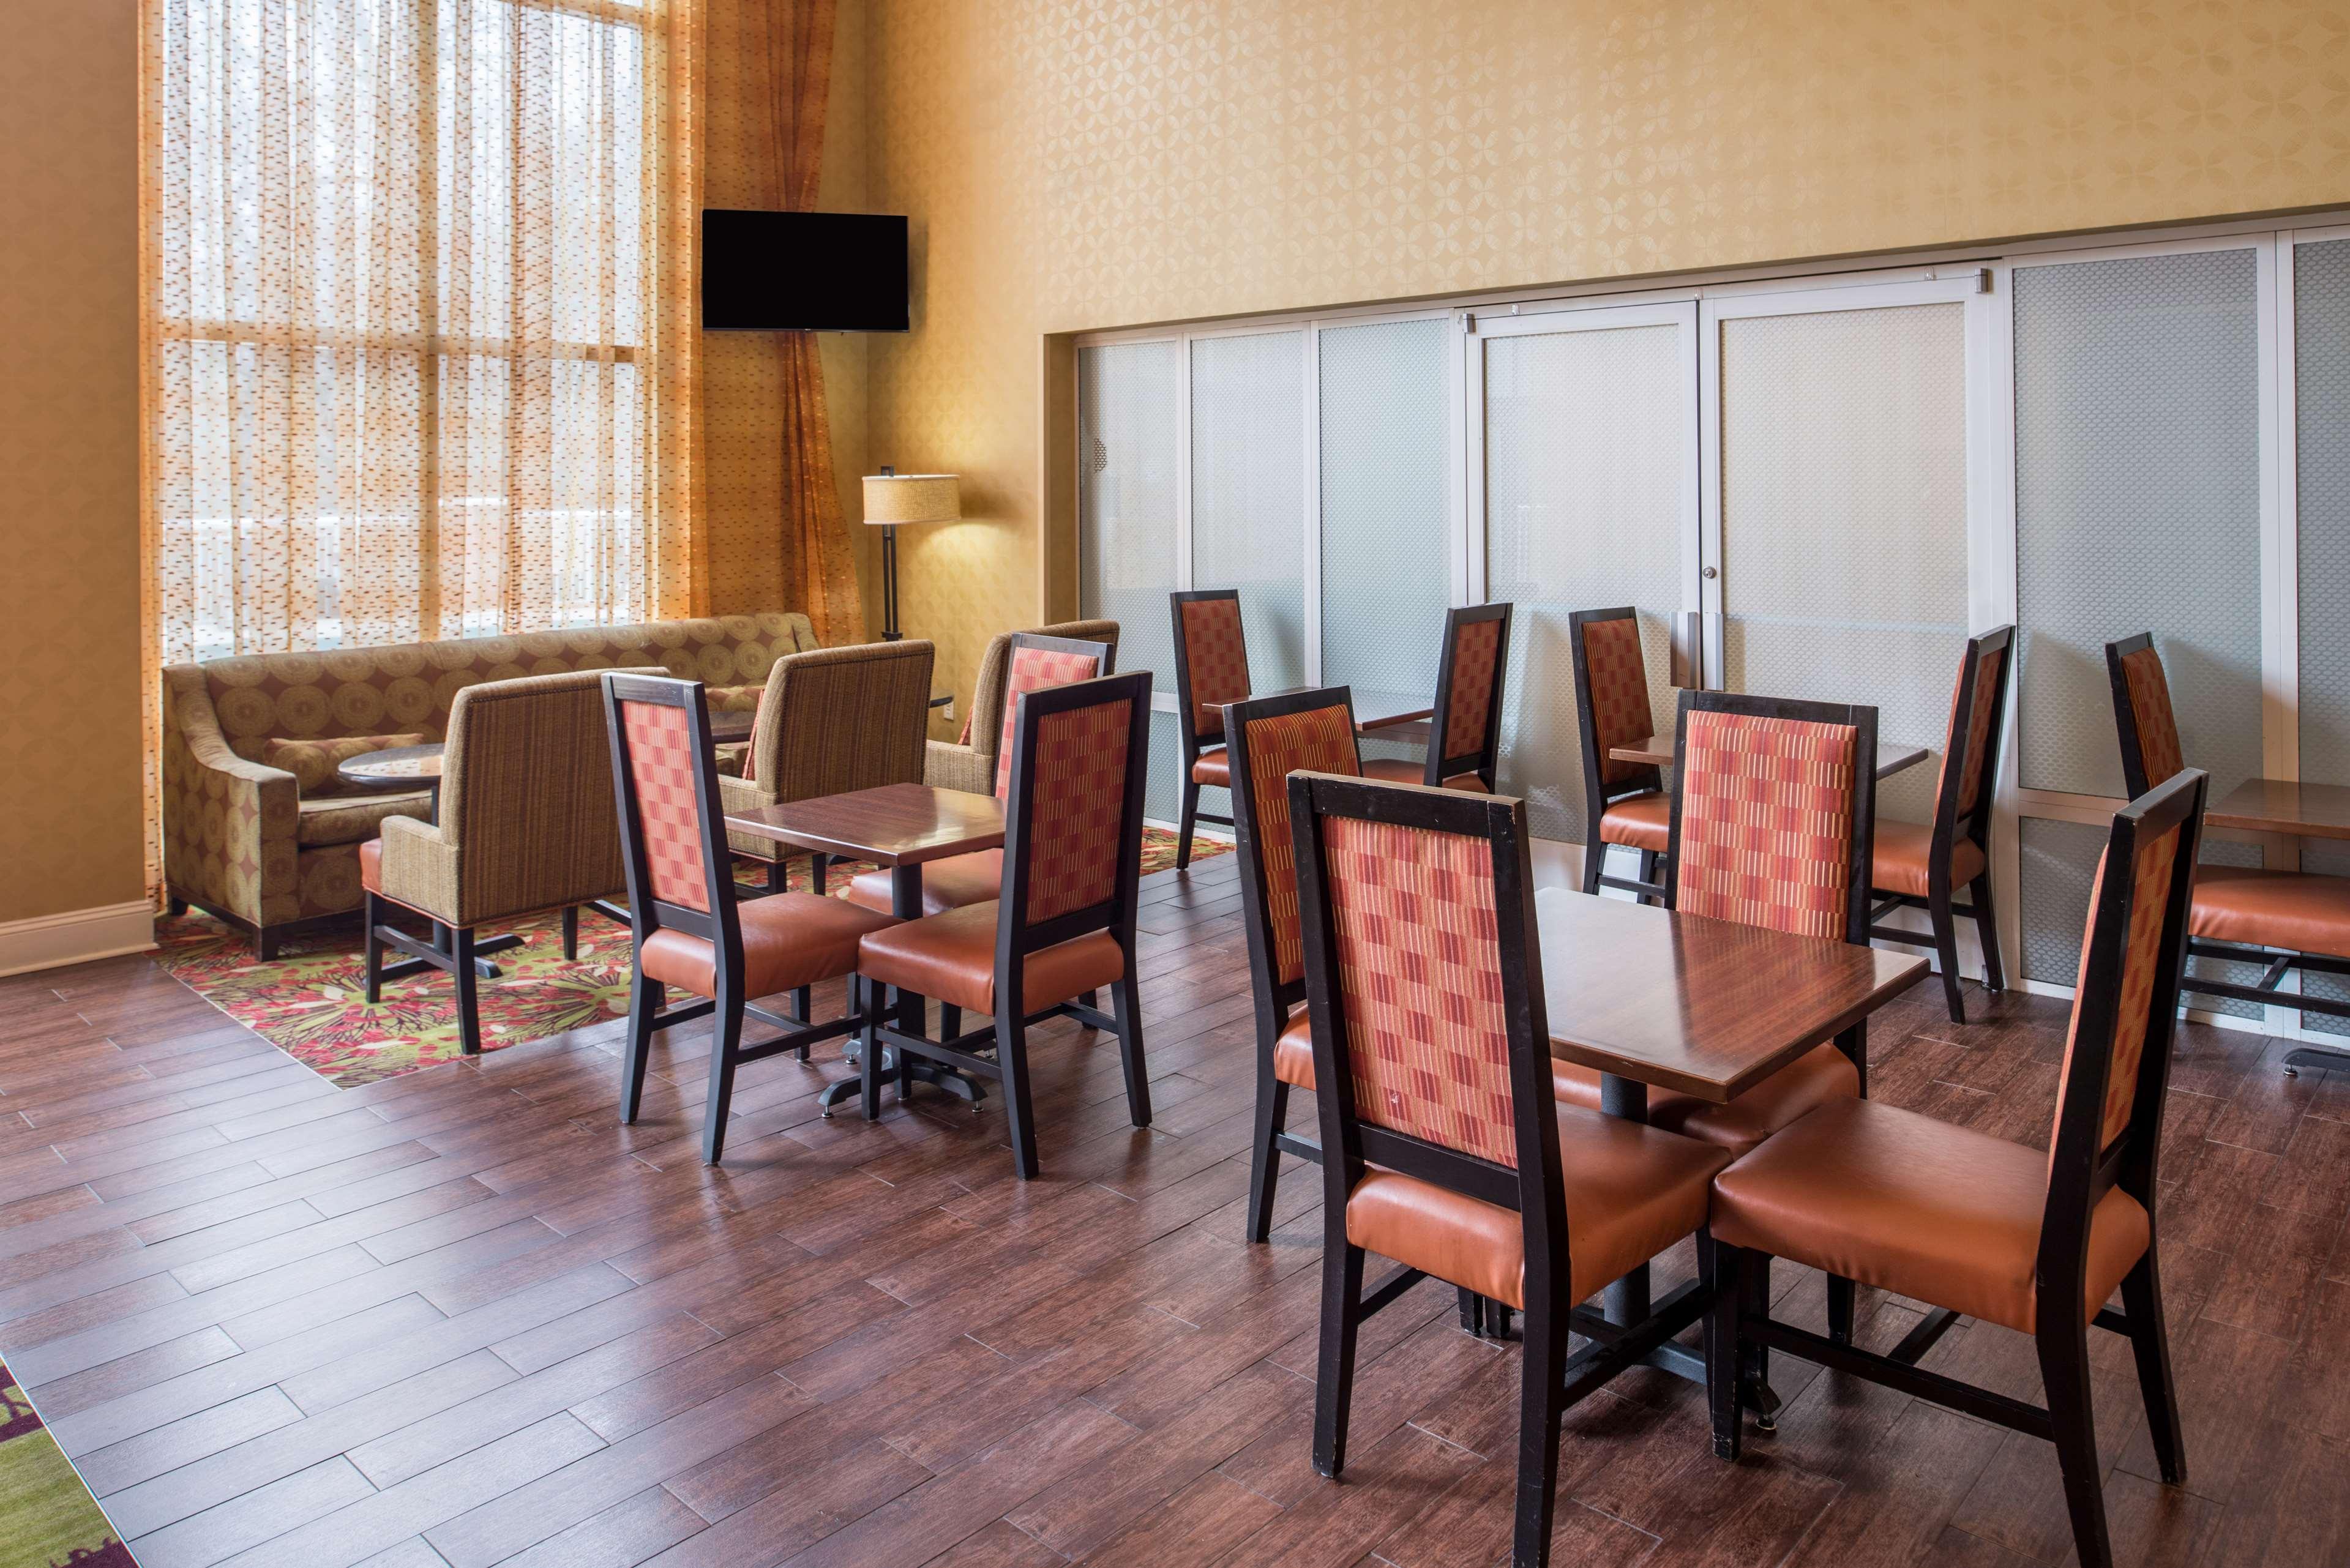 Hampton Inn & Suites Charlotte-Arrowood Rd. image 4